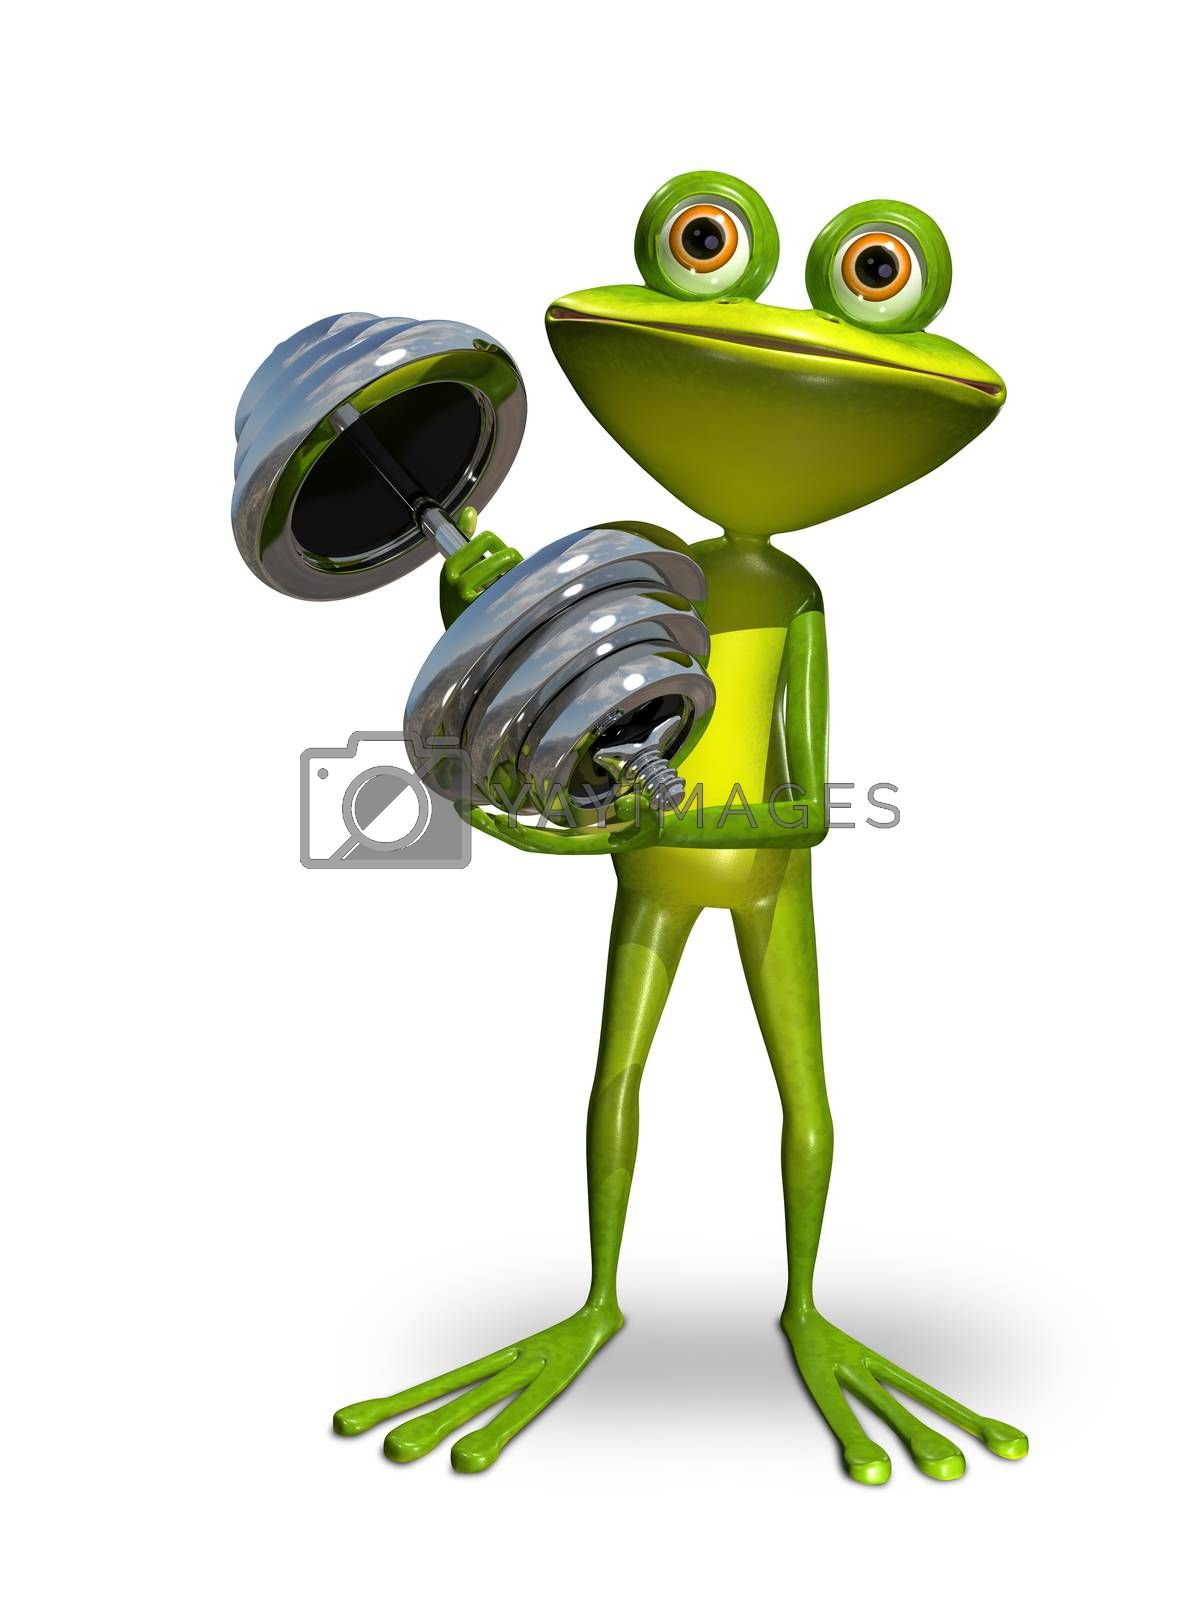 Illustration a frog doing gymnastics sport dumbbells